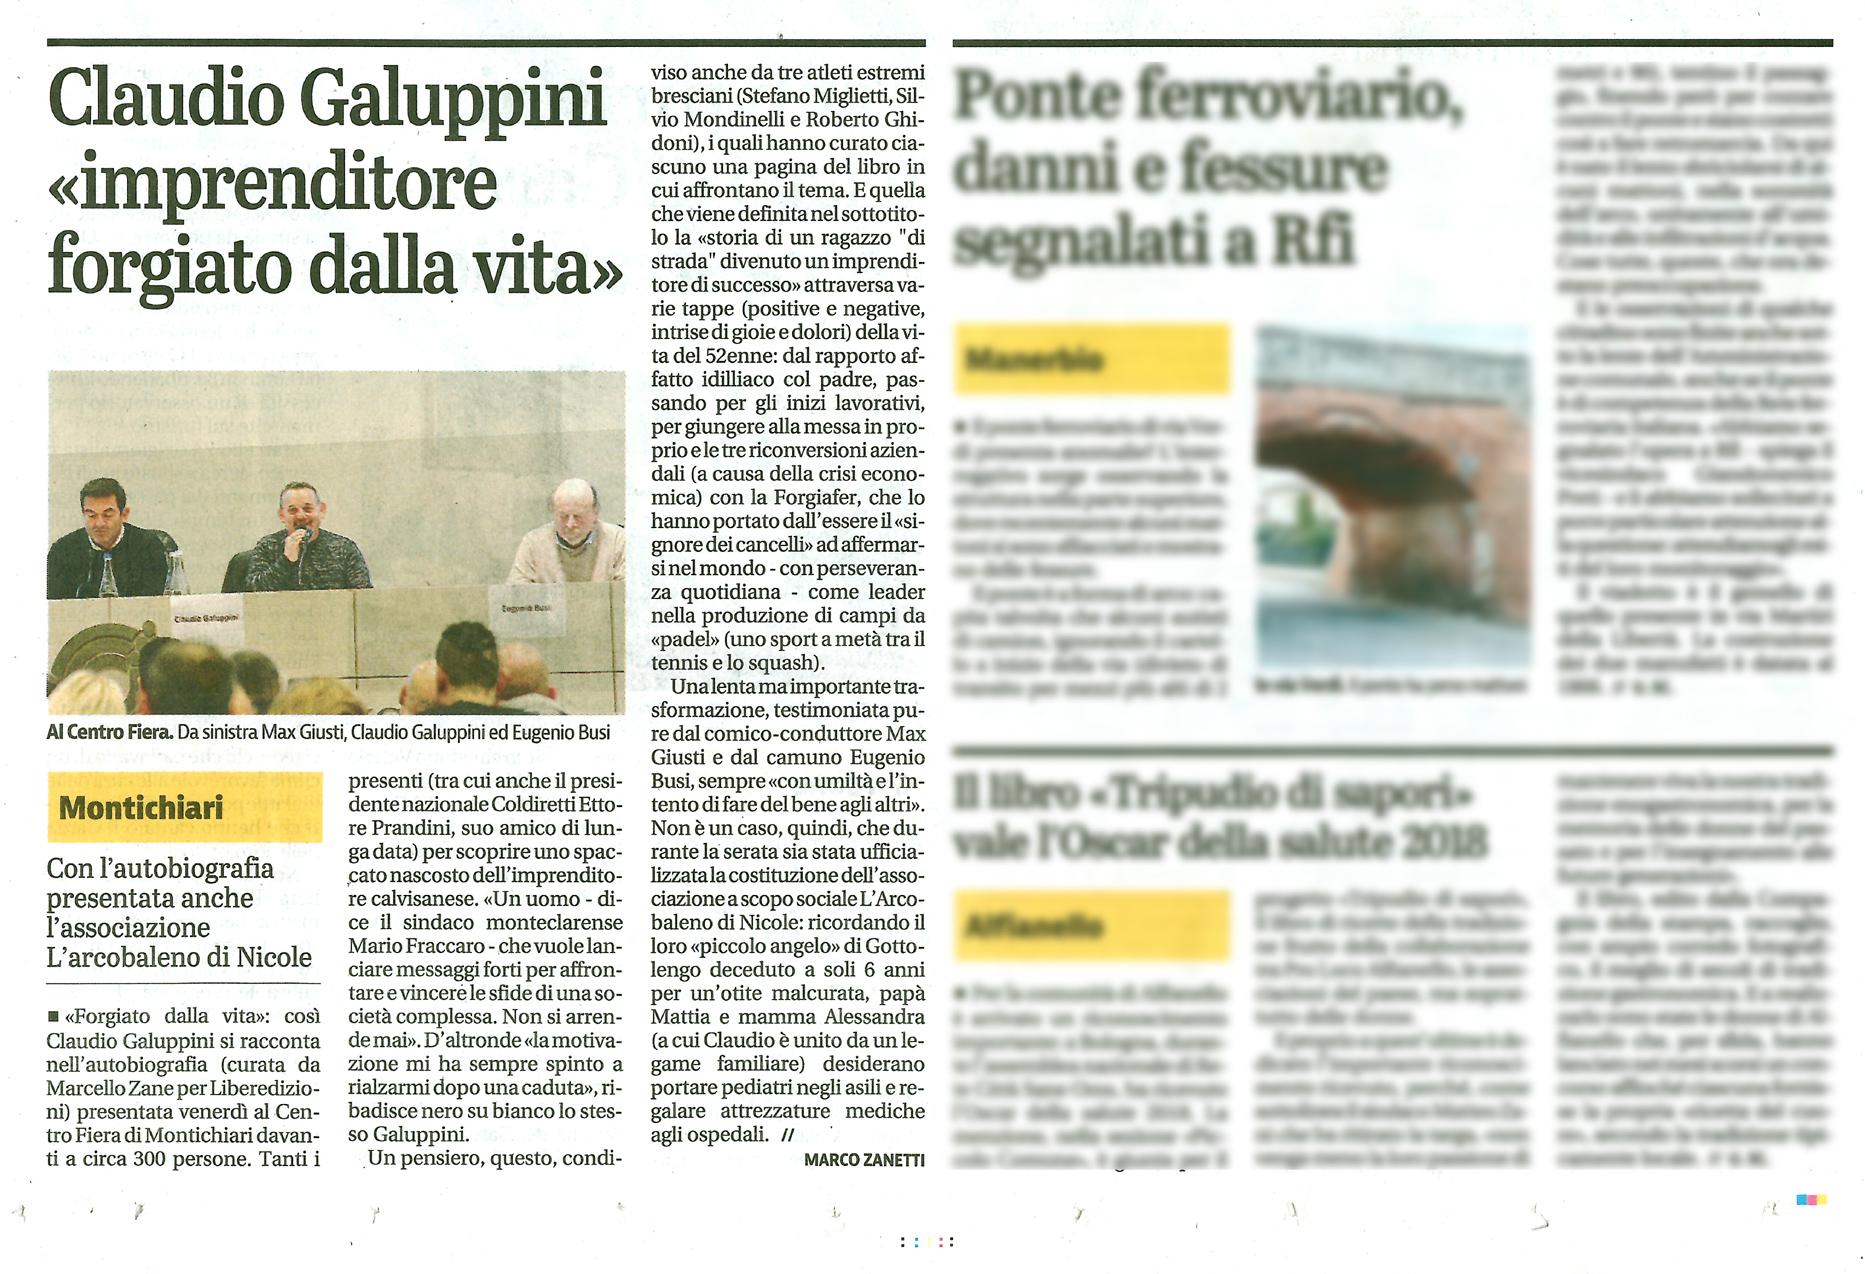 Claudio Galuppini - imprenditore forgiato dalla vita (Giornale di Brescia, 4 Dicembre 2018)